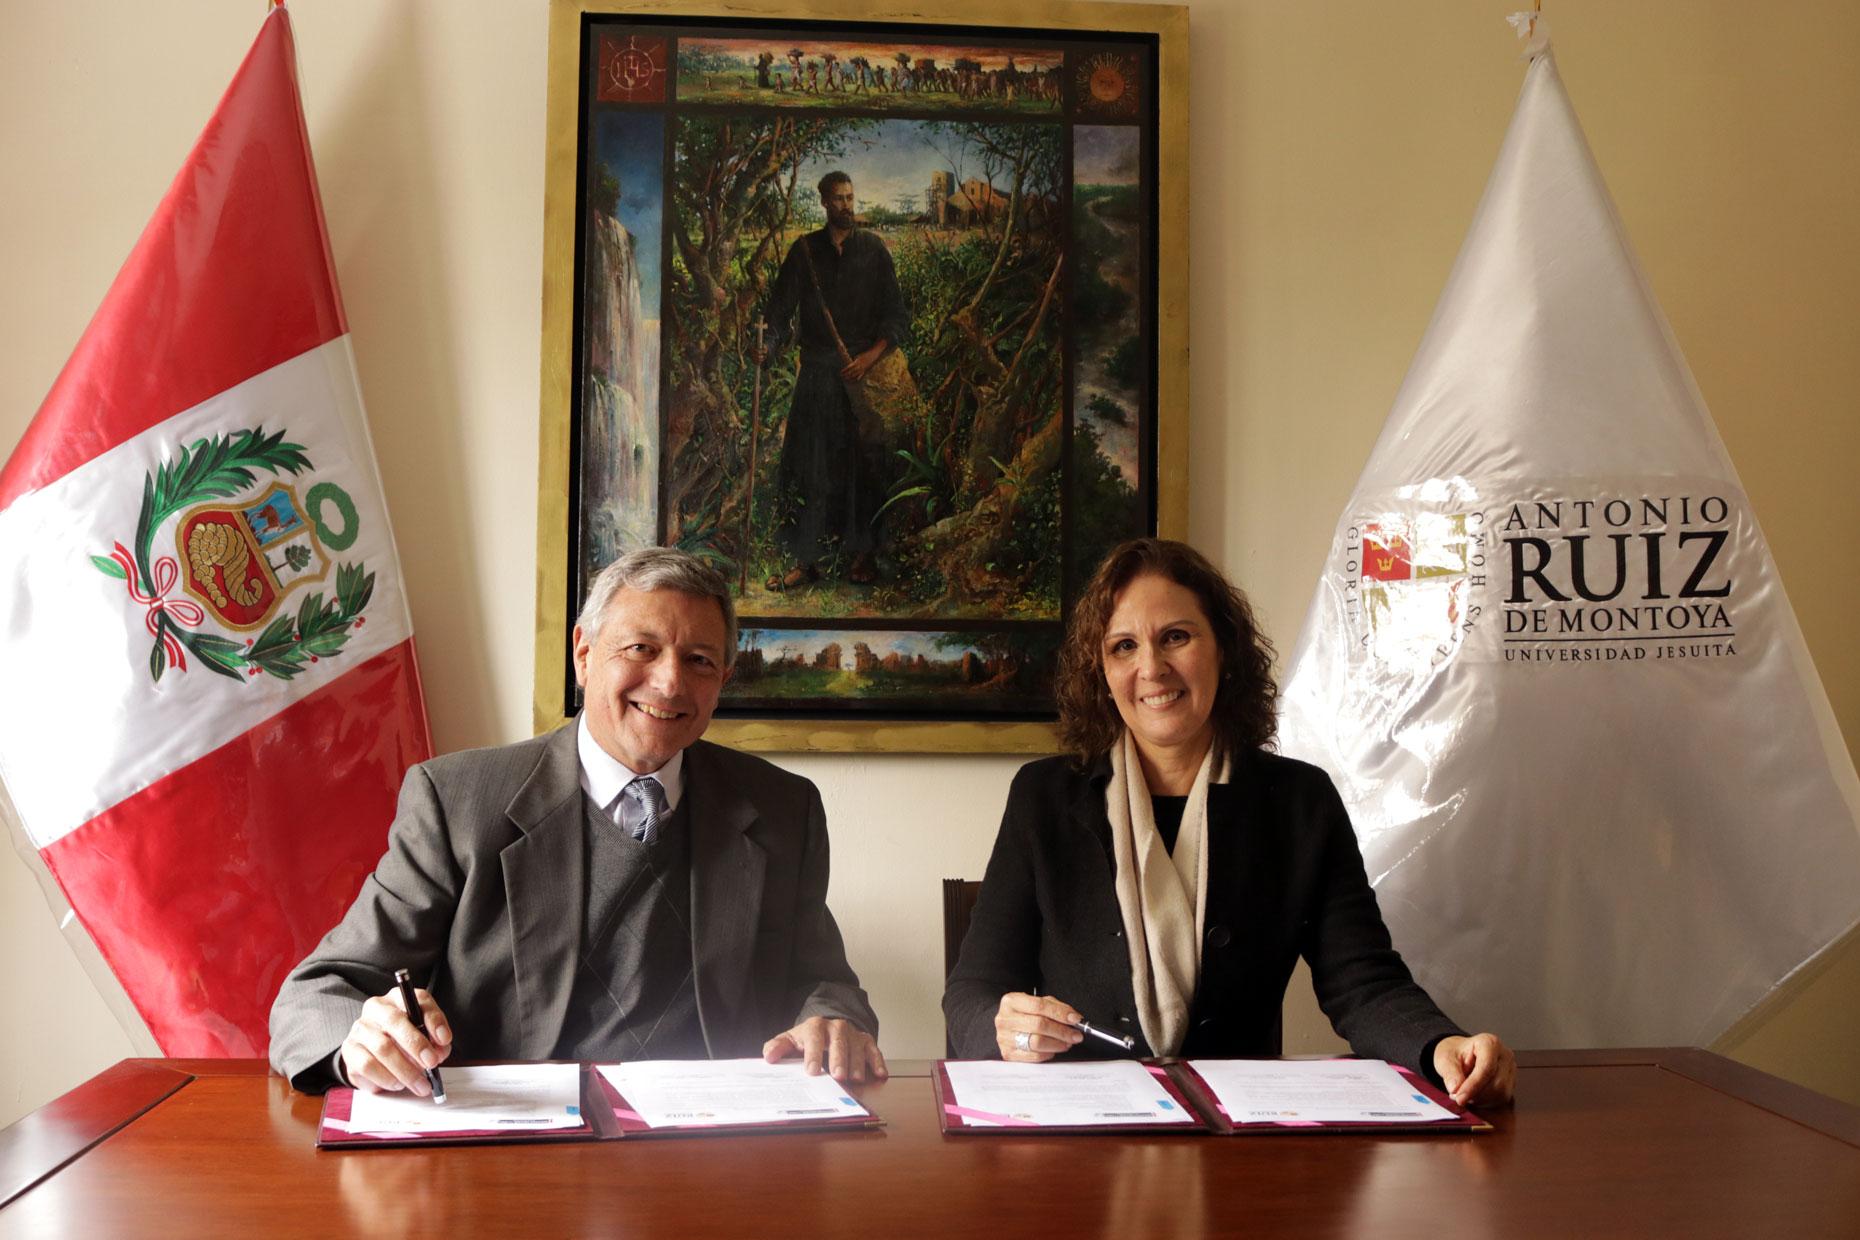 Fundación Mohme Llona y Universidad Ruiz de Montoya renovaron convenio institucional